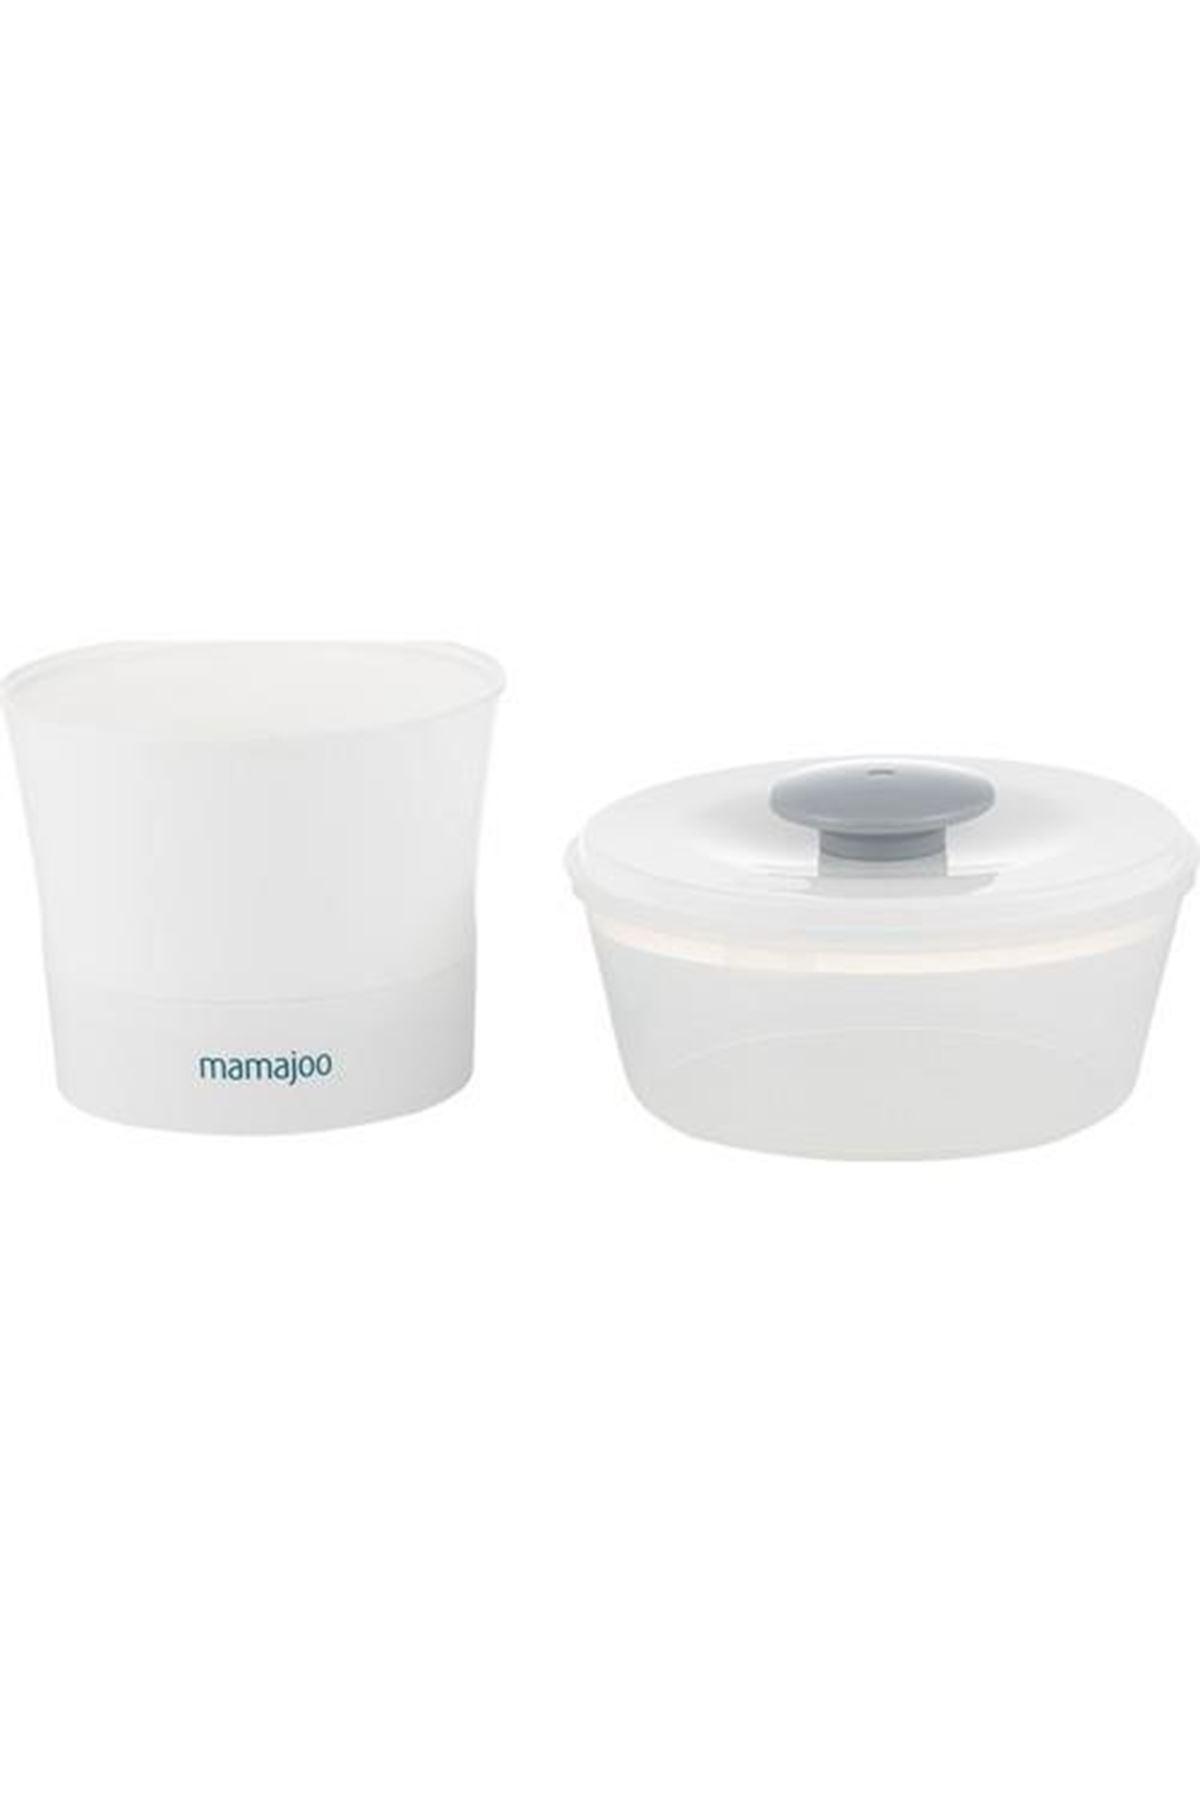 Mamajoo 3-İn-1 Buhar Sterilizatörü & Biberon Isıtıcı